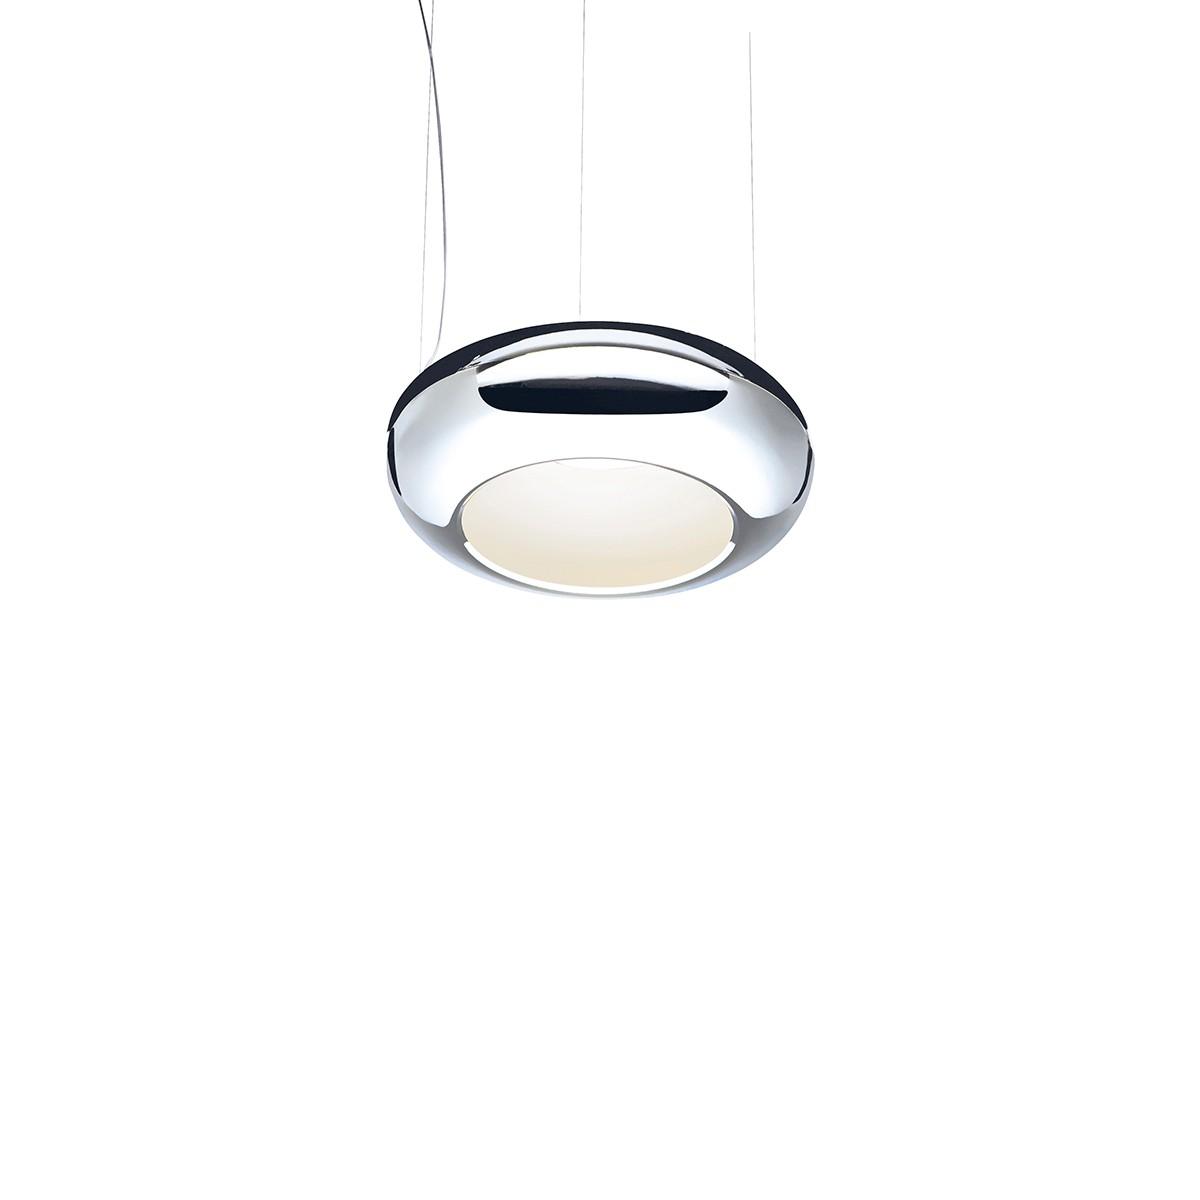 Sompex Aura 01 LED Pendelleuchte, Ø: 25 cm, Chrom